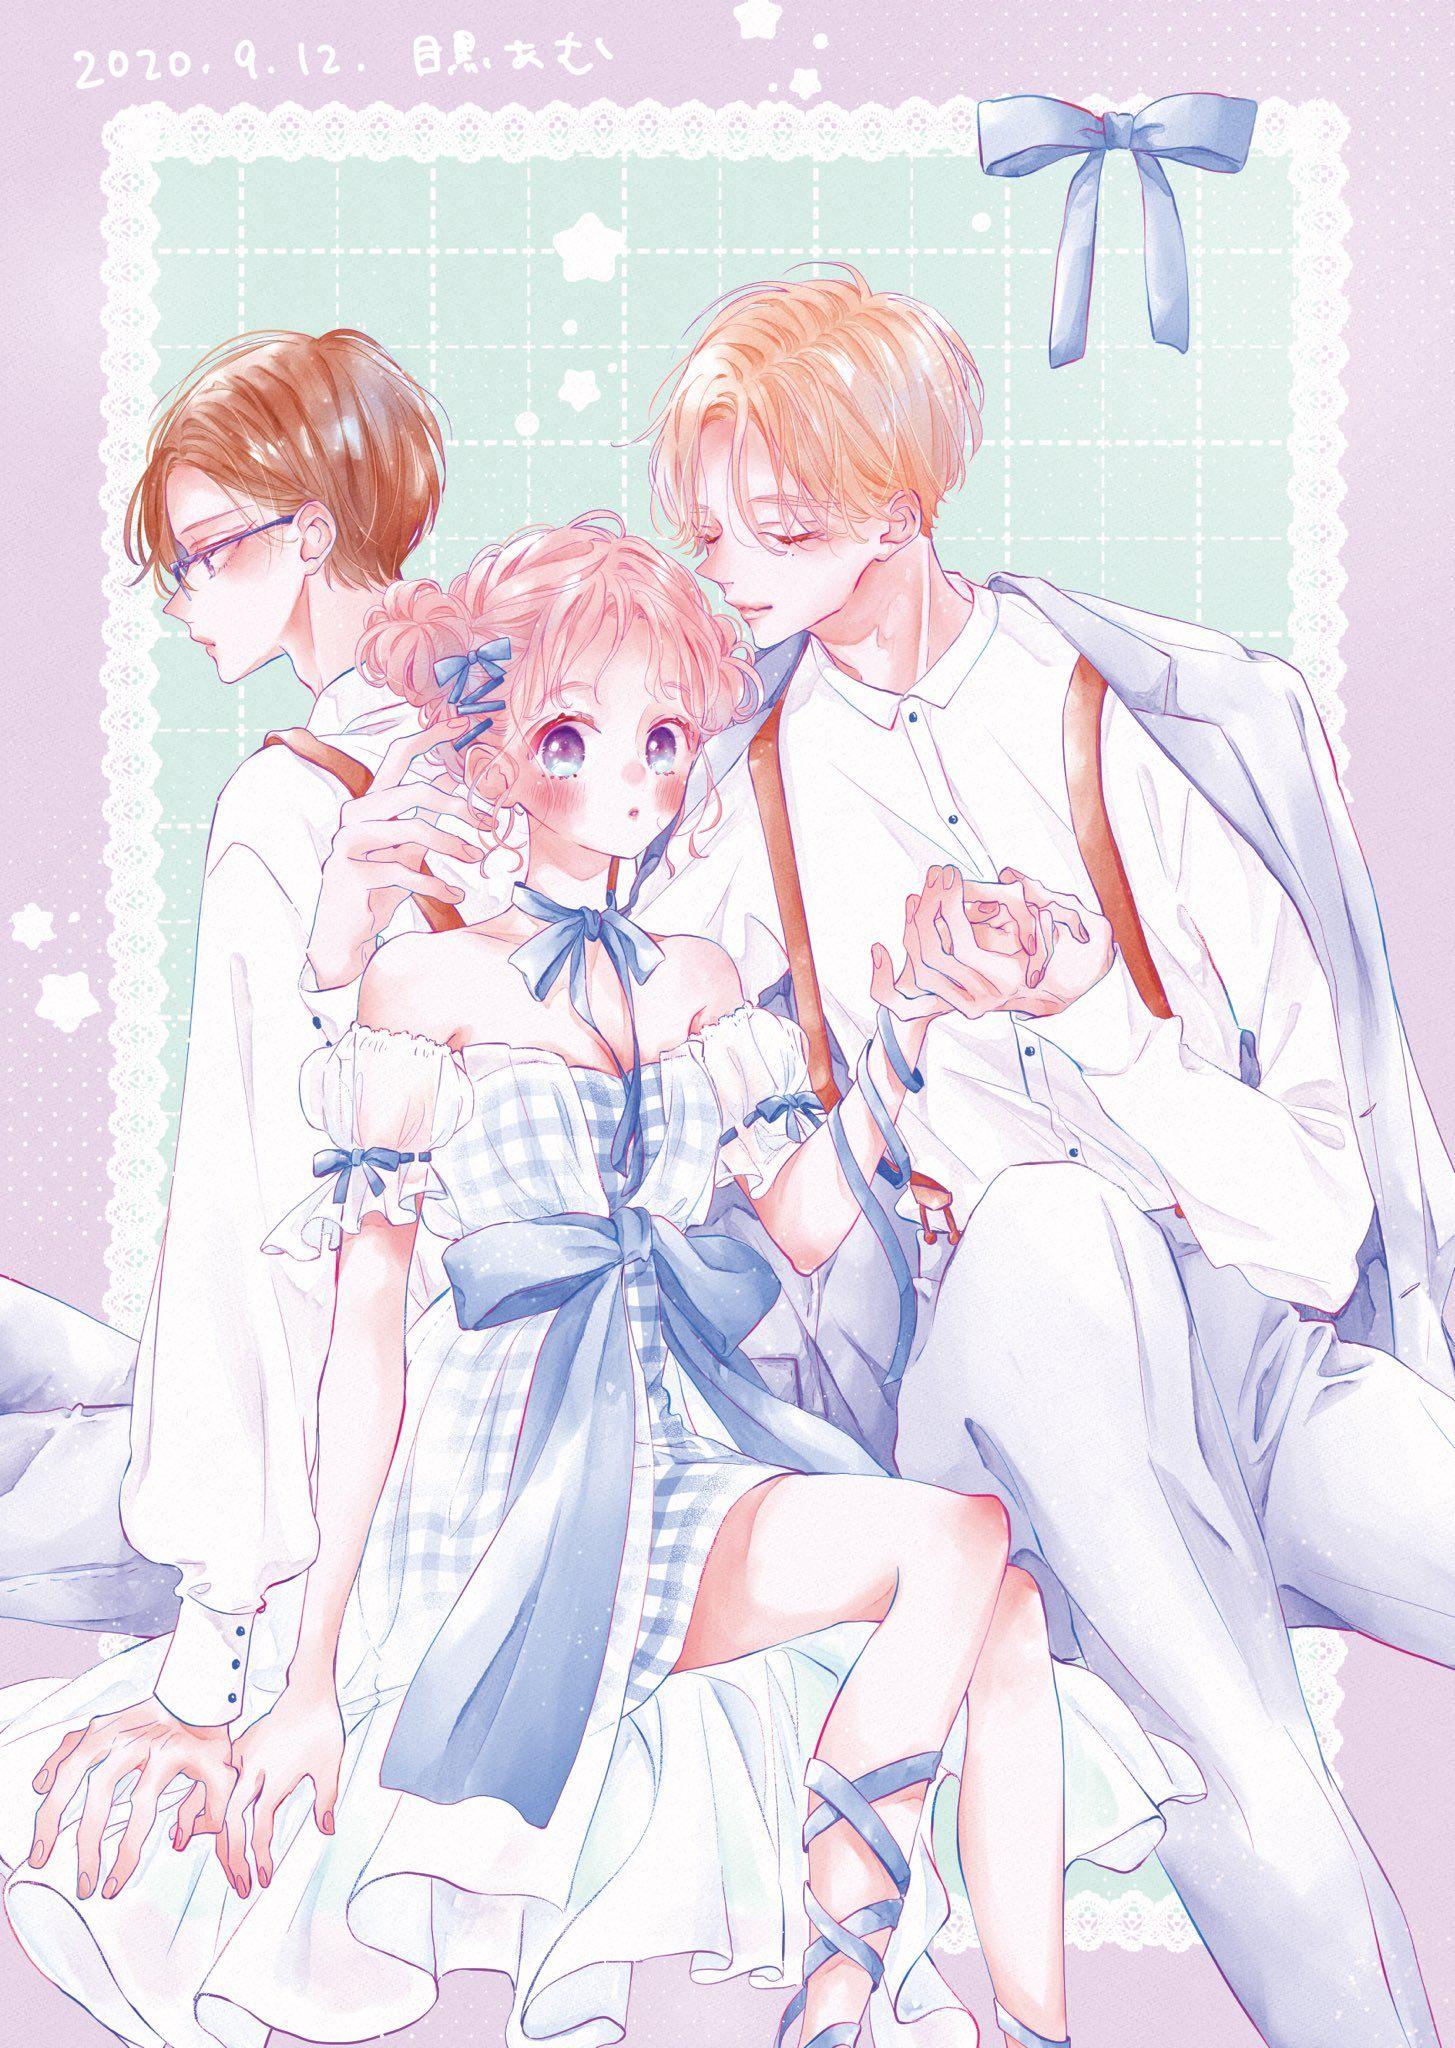 目黒あむ on twitter anime wallpaper anime galaxy wallpaper